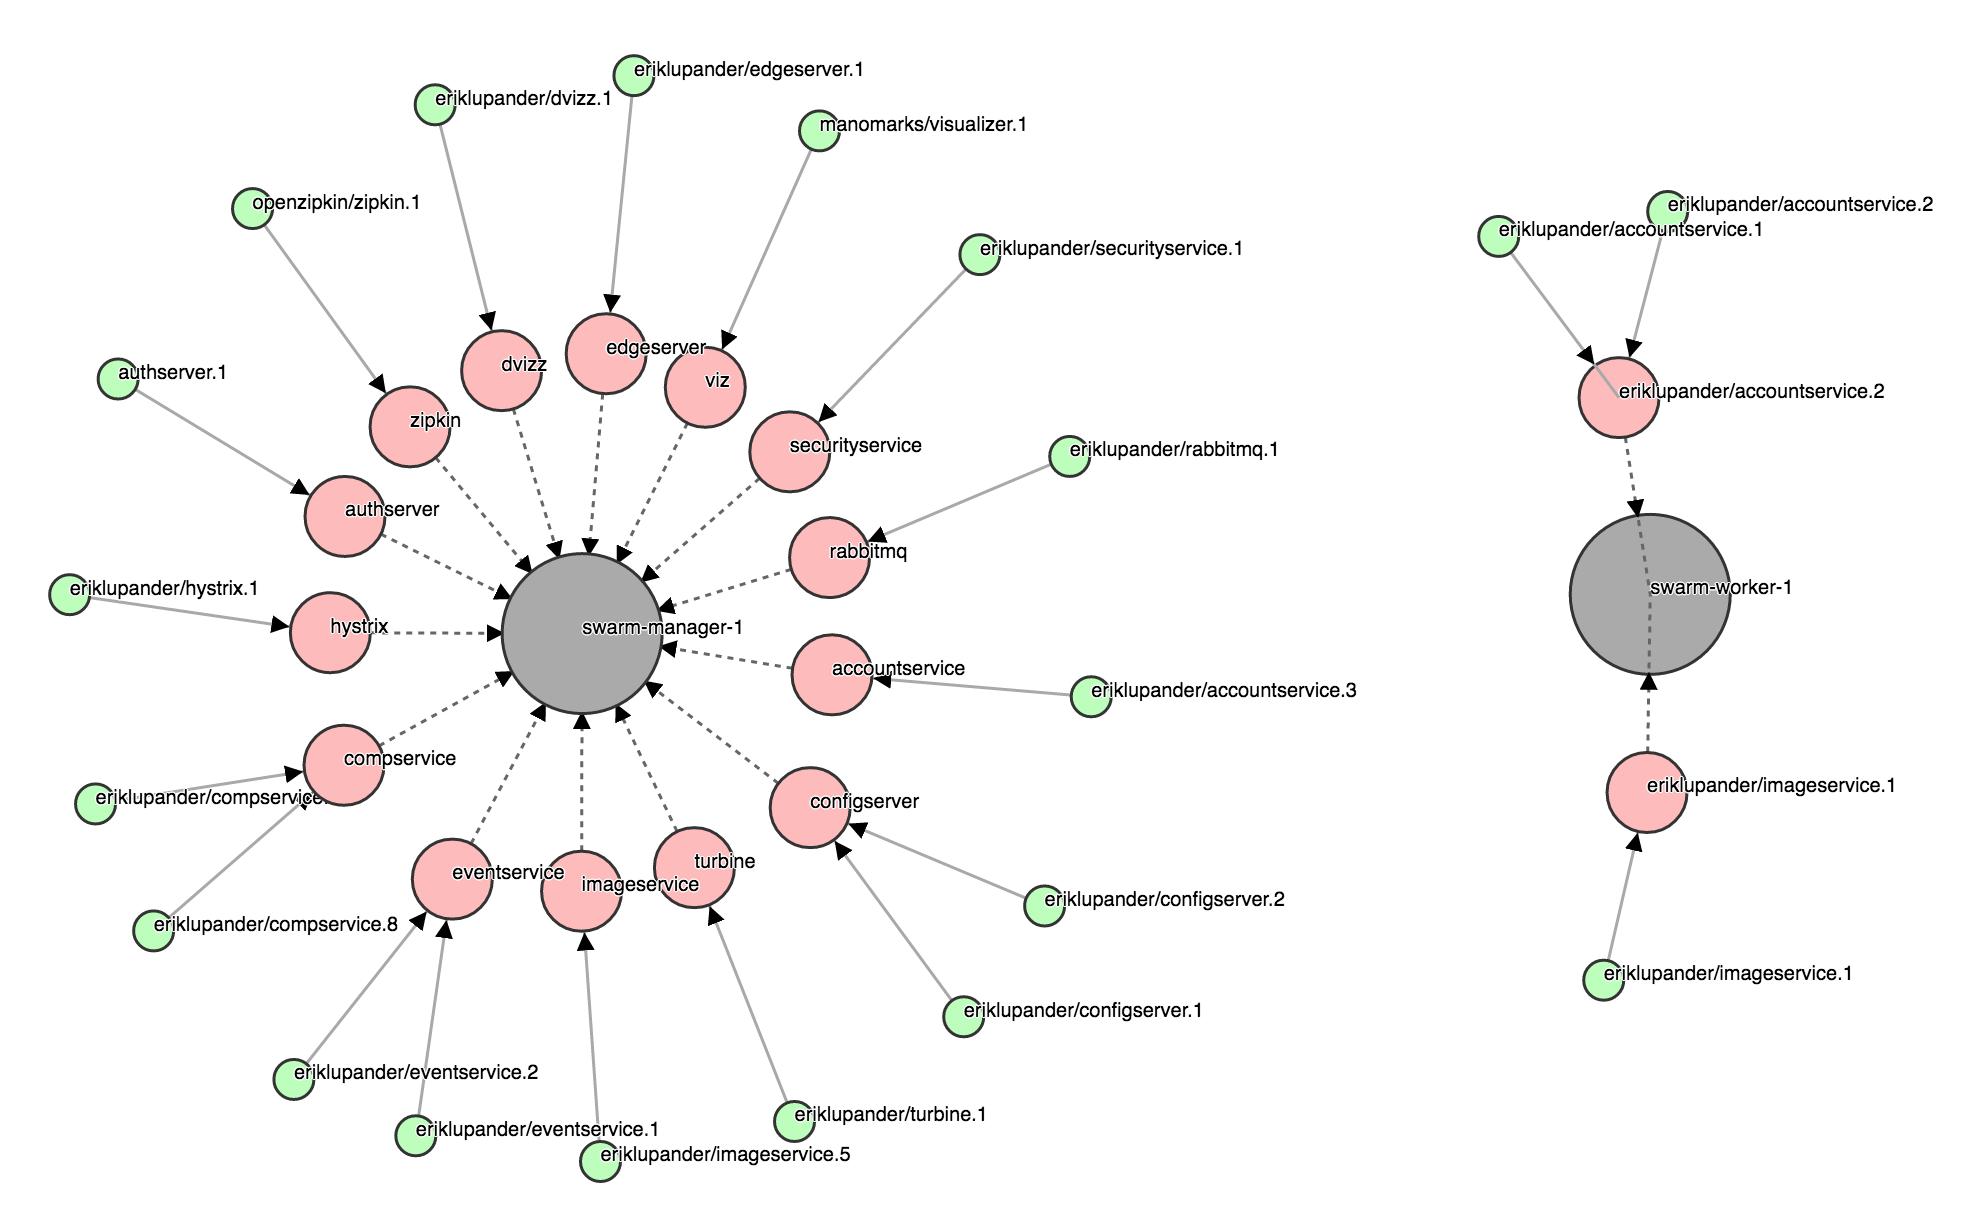 Dvizz - A Docker Swarm Visualizer